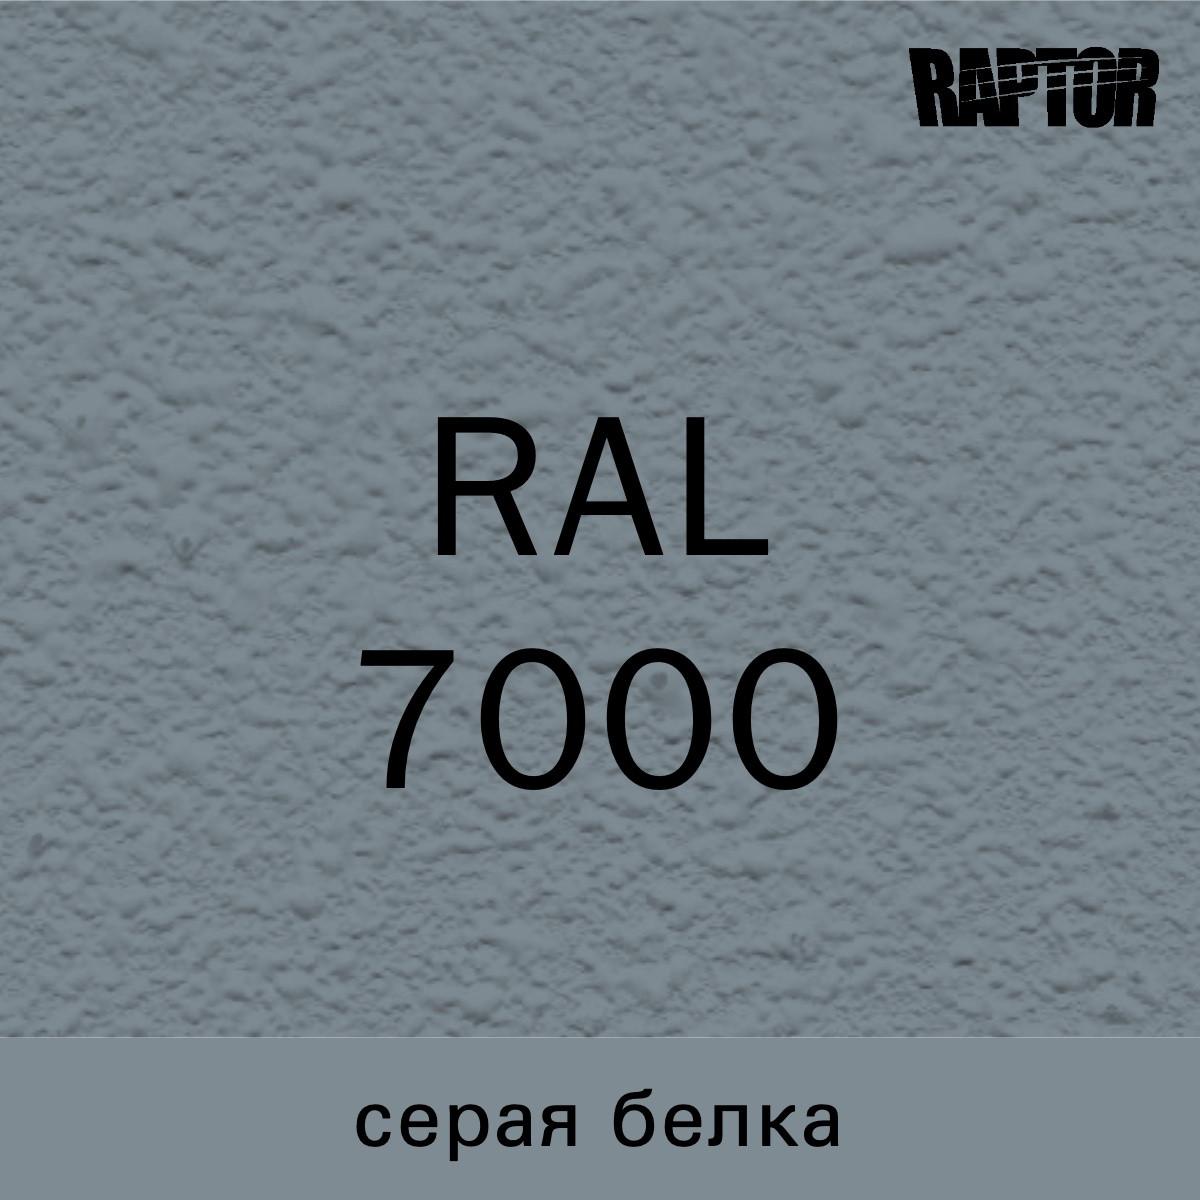 Пигмент для колеровки покрытия RAPTOR™ Серая белка (RAL 7000)